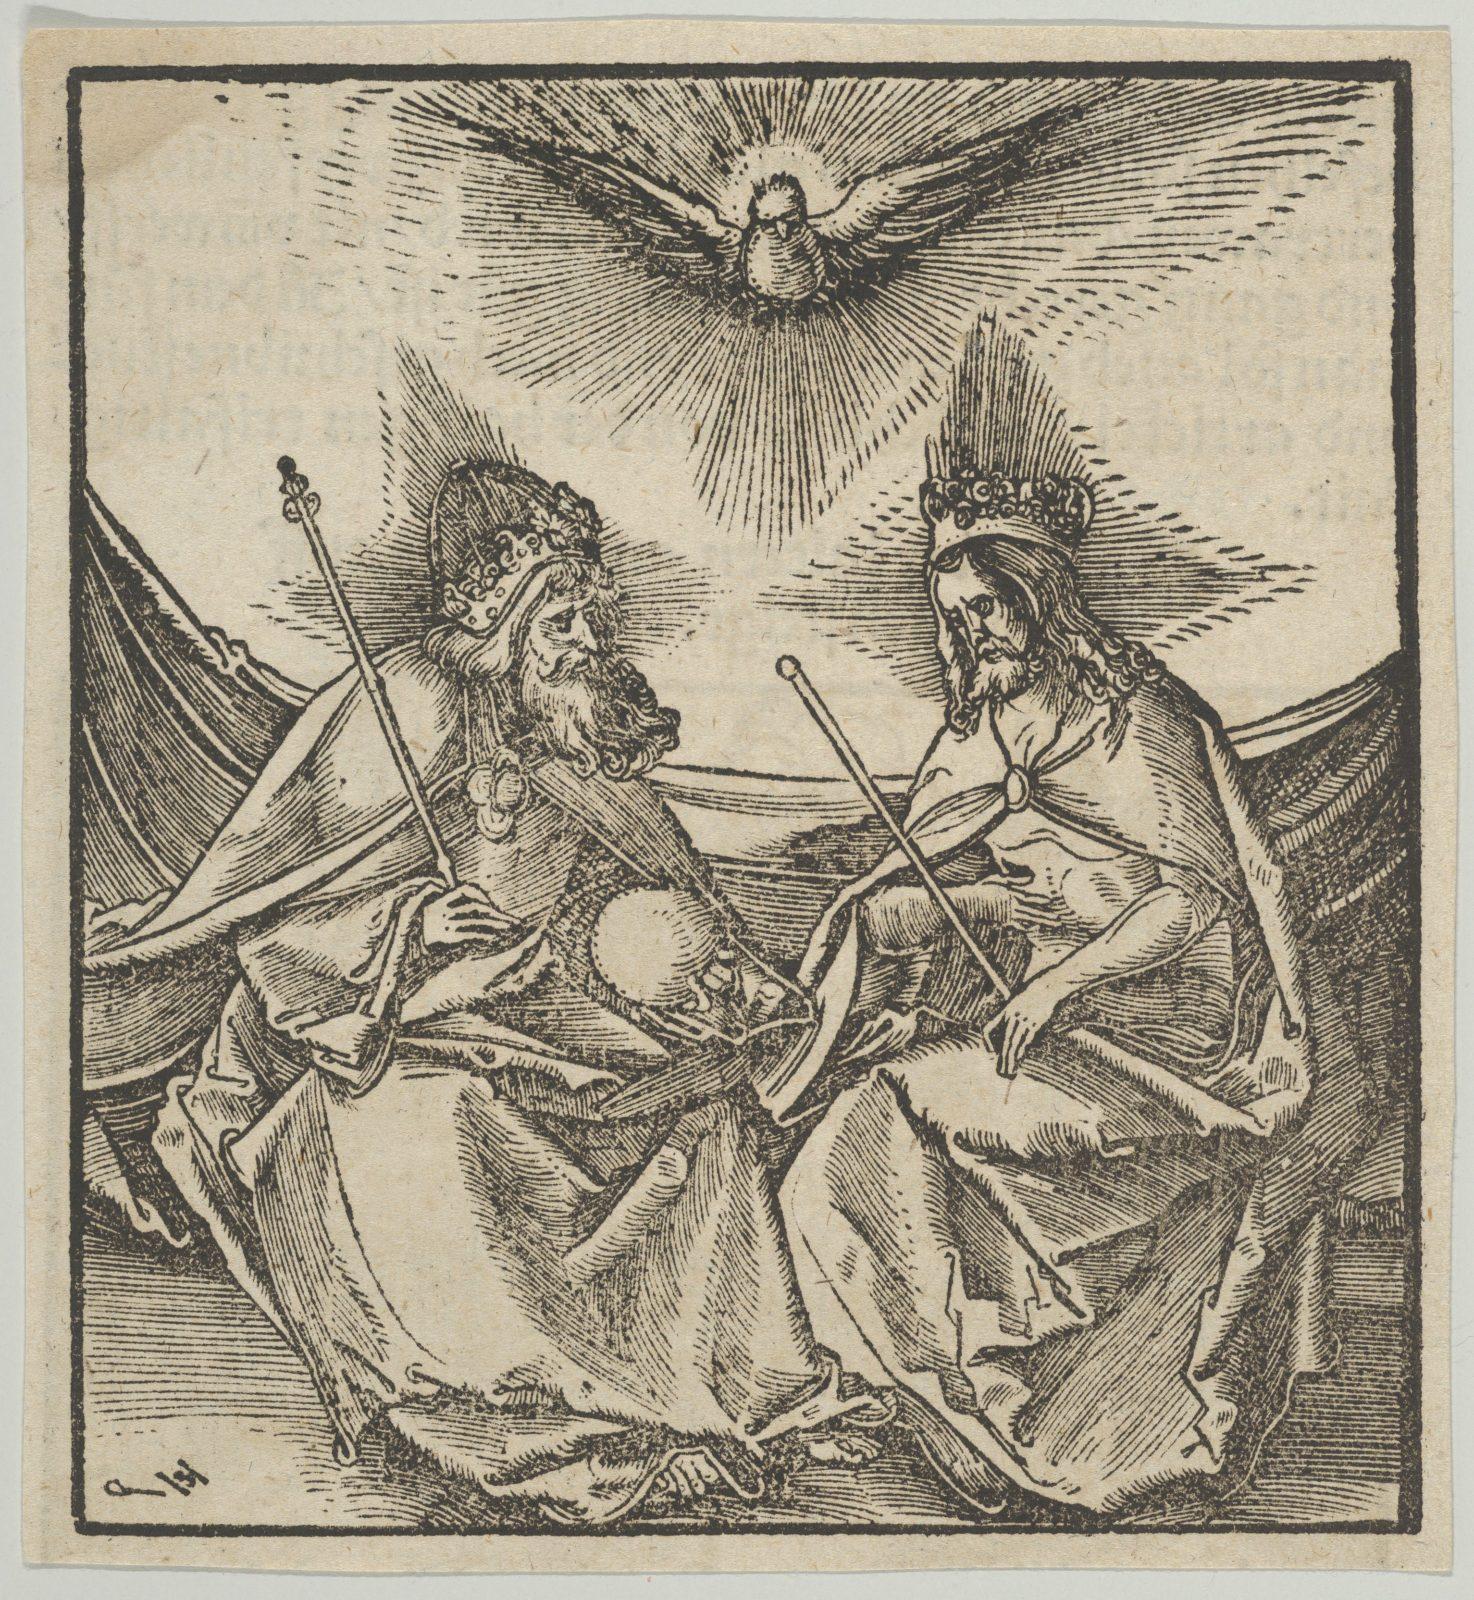 The Holy Trinity, from Hymmelwagen auff dem, wer wol lebt...